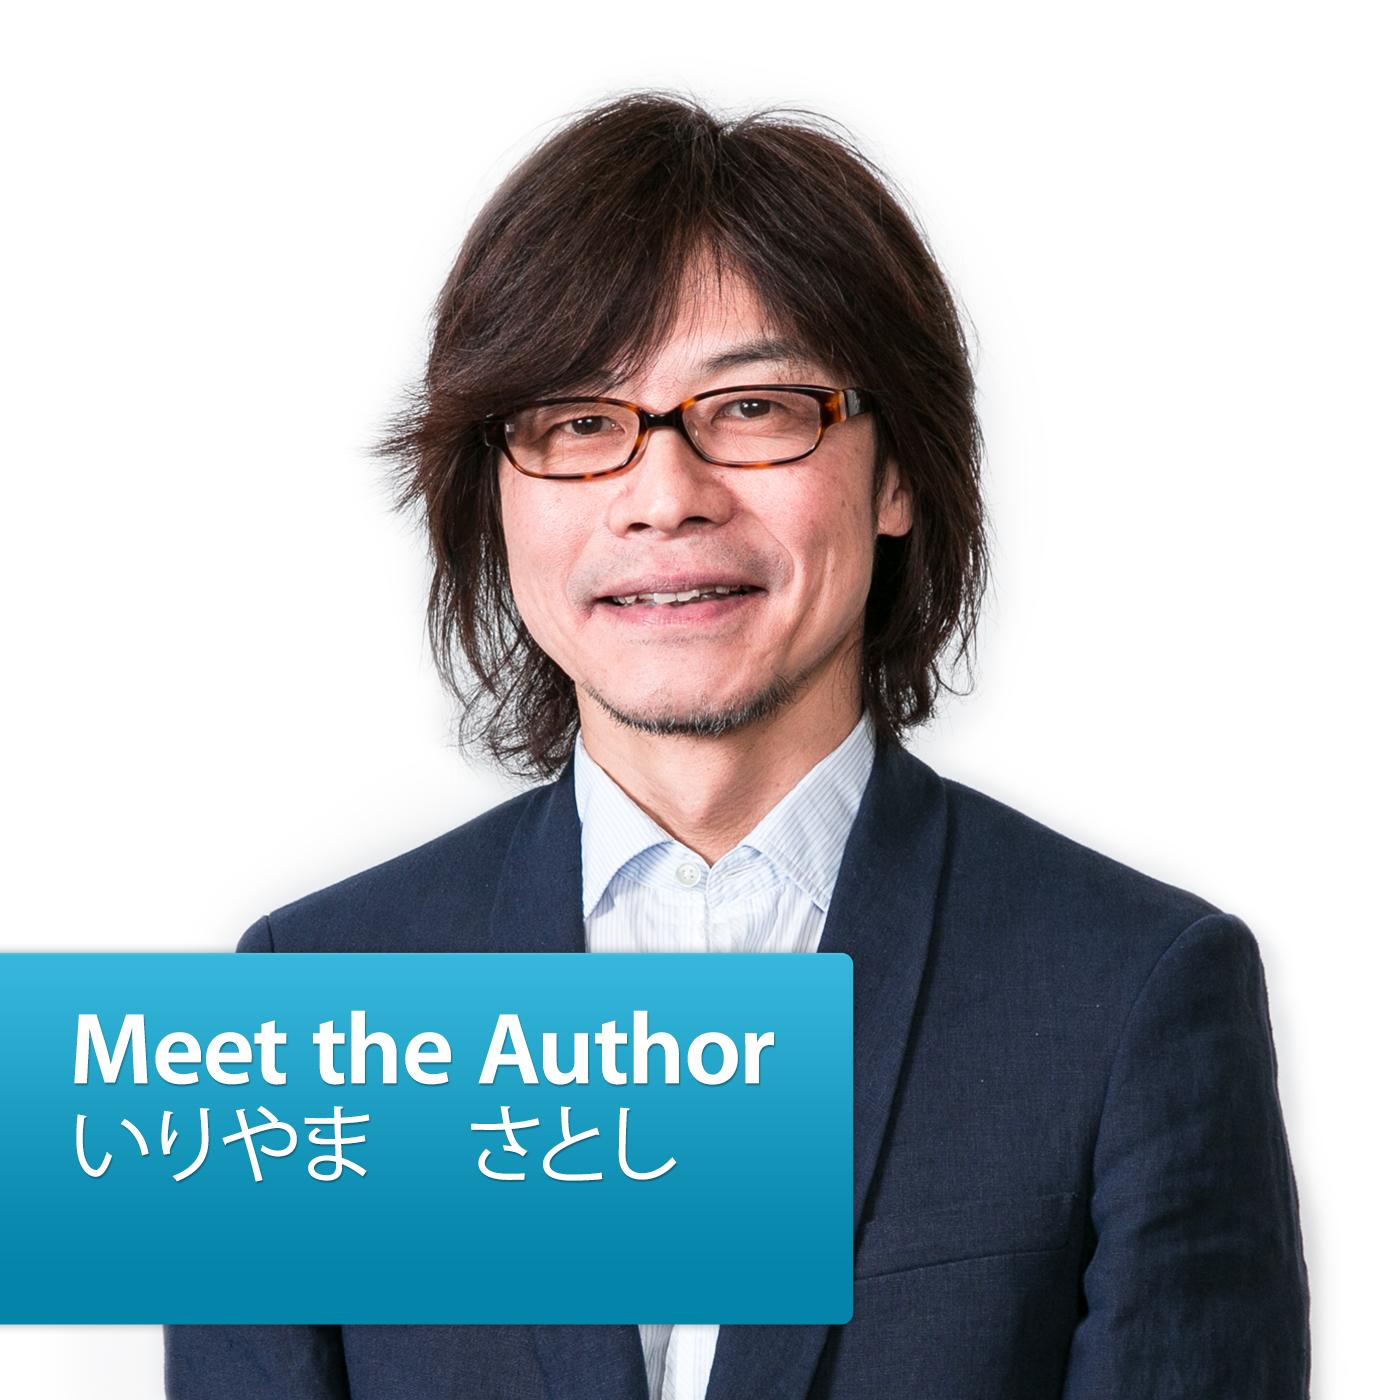 いりやま さとし: Meet the Author